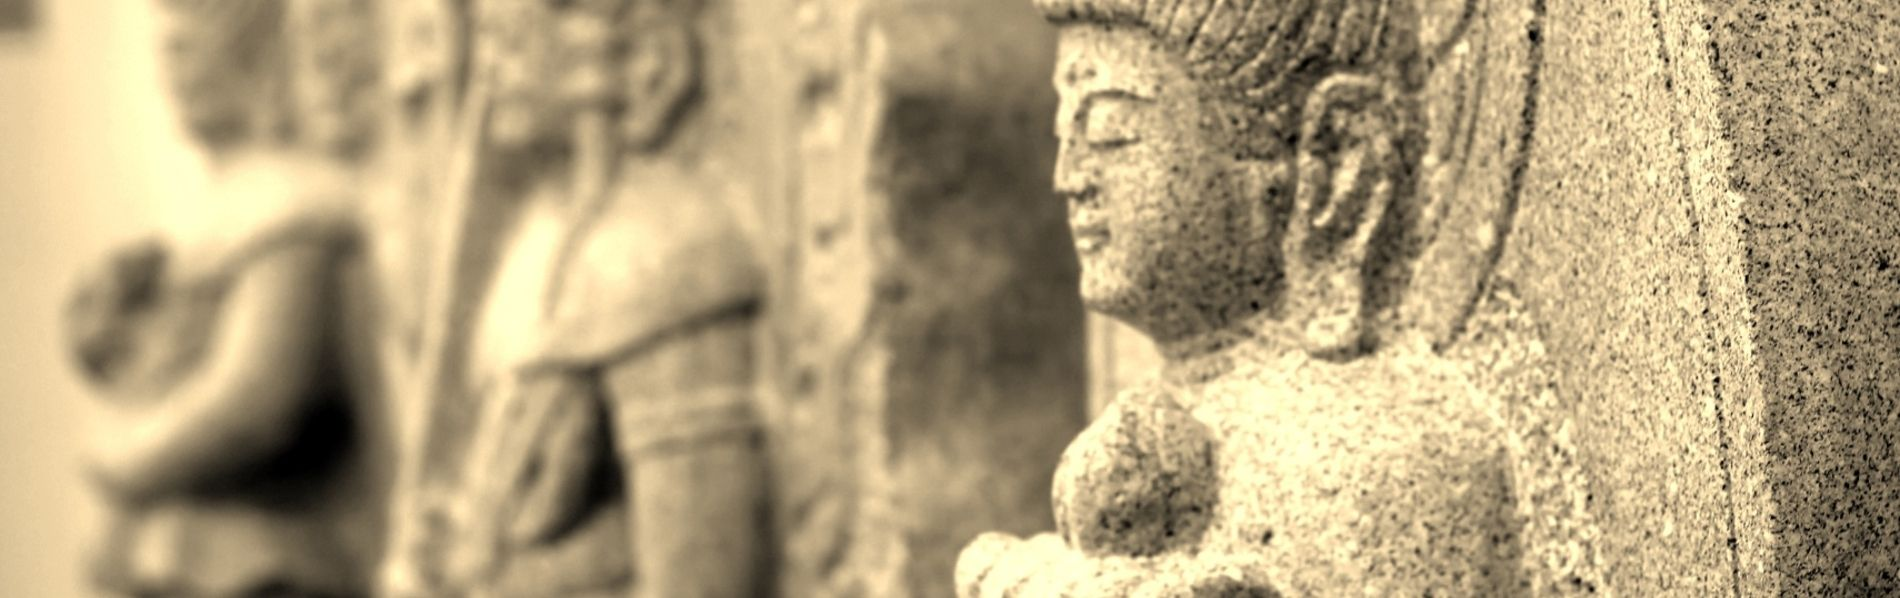 伝統工芸士・石材施工一級技能士が造る石仏